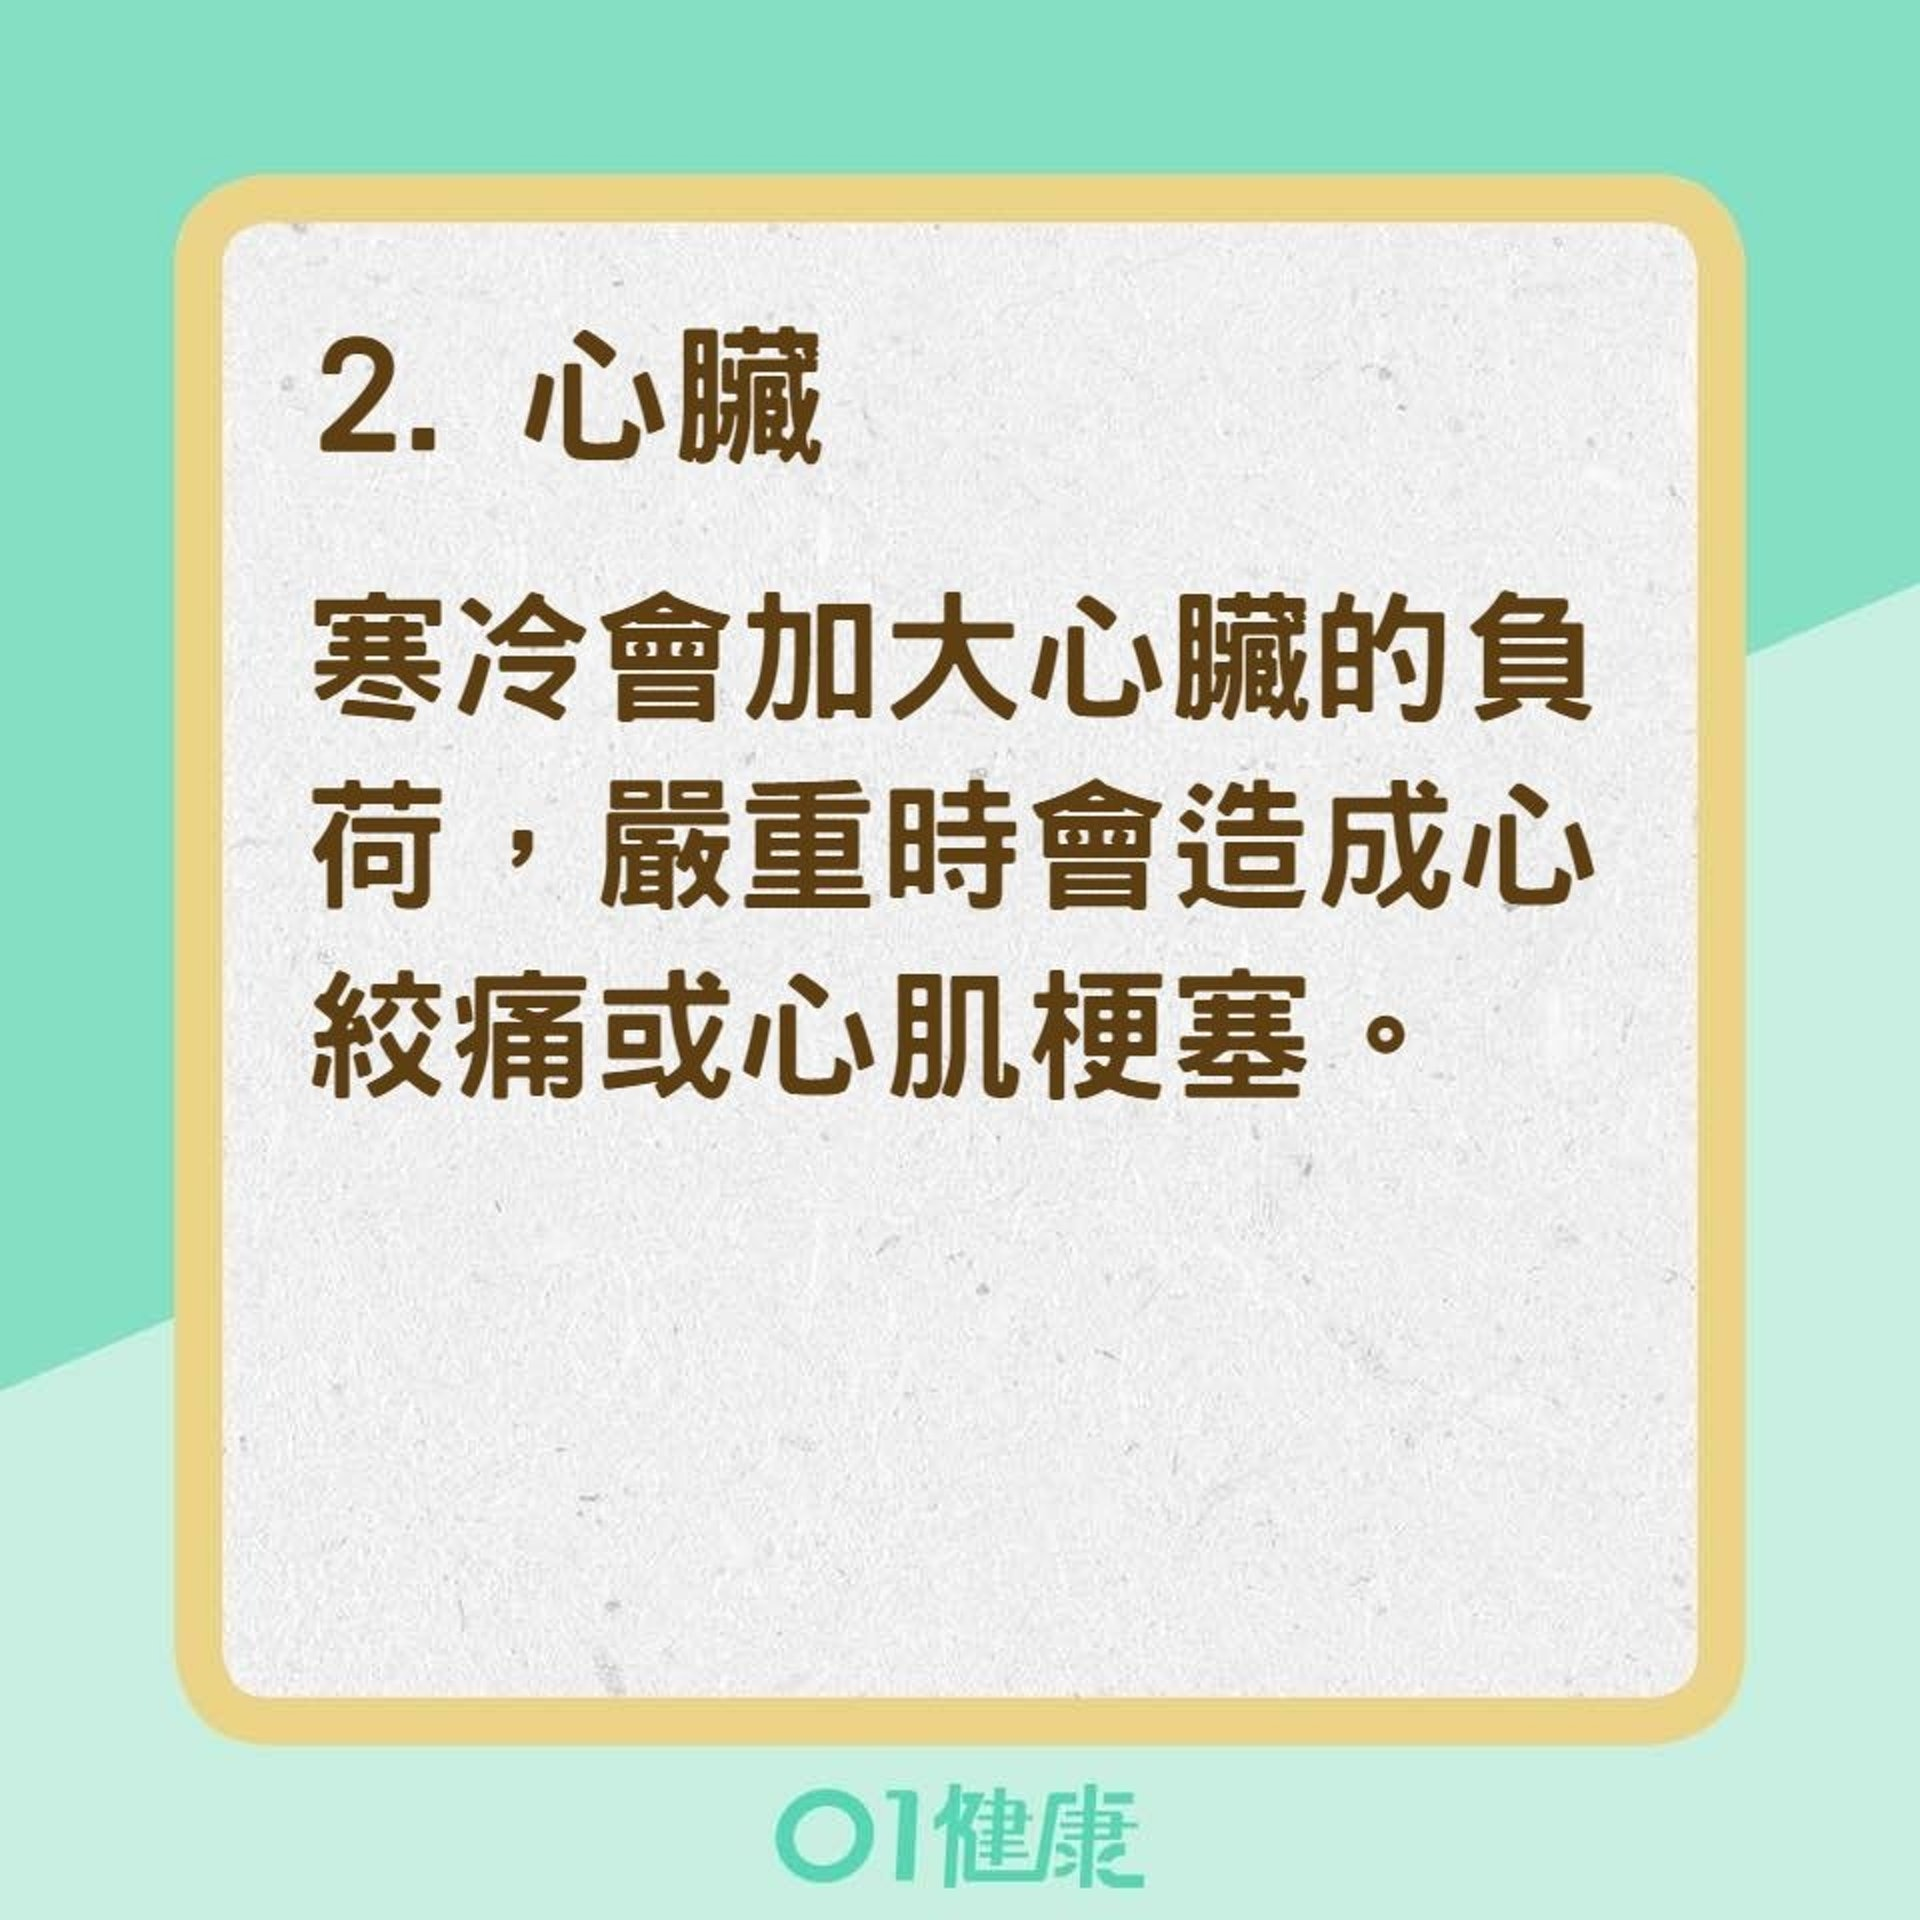 6大最怕冷器官(01製圖)